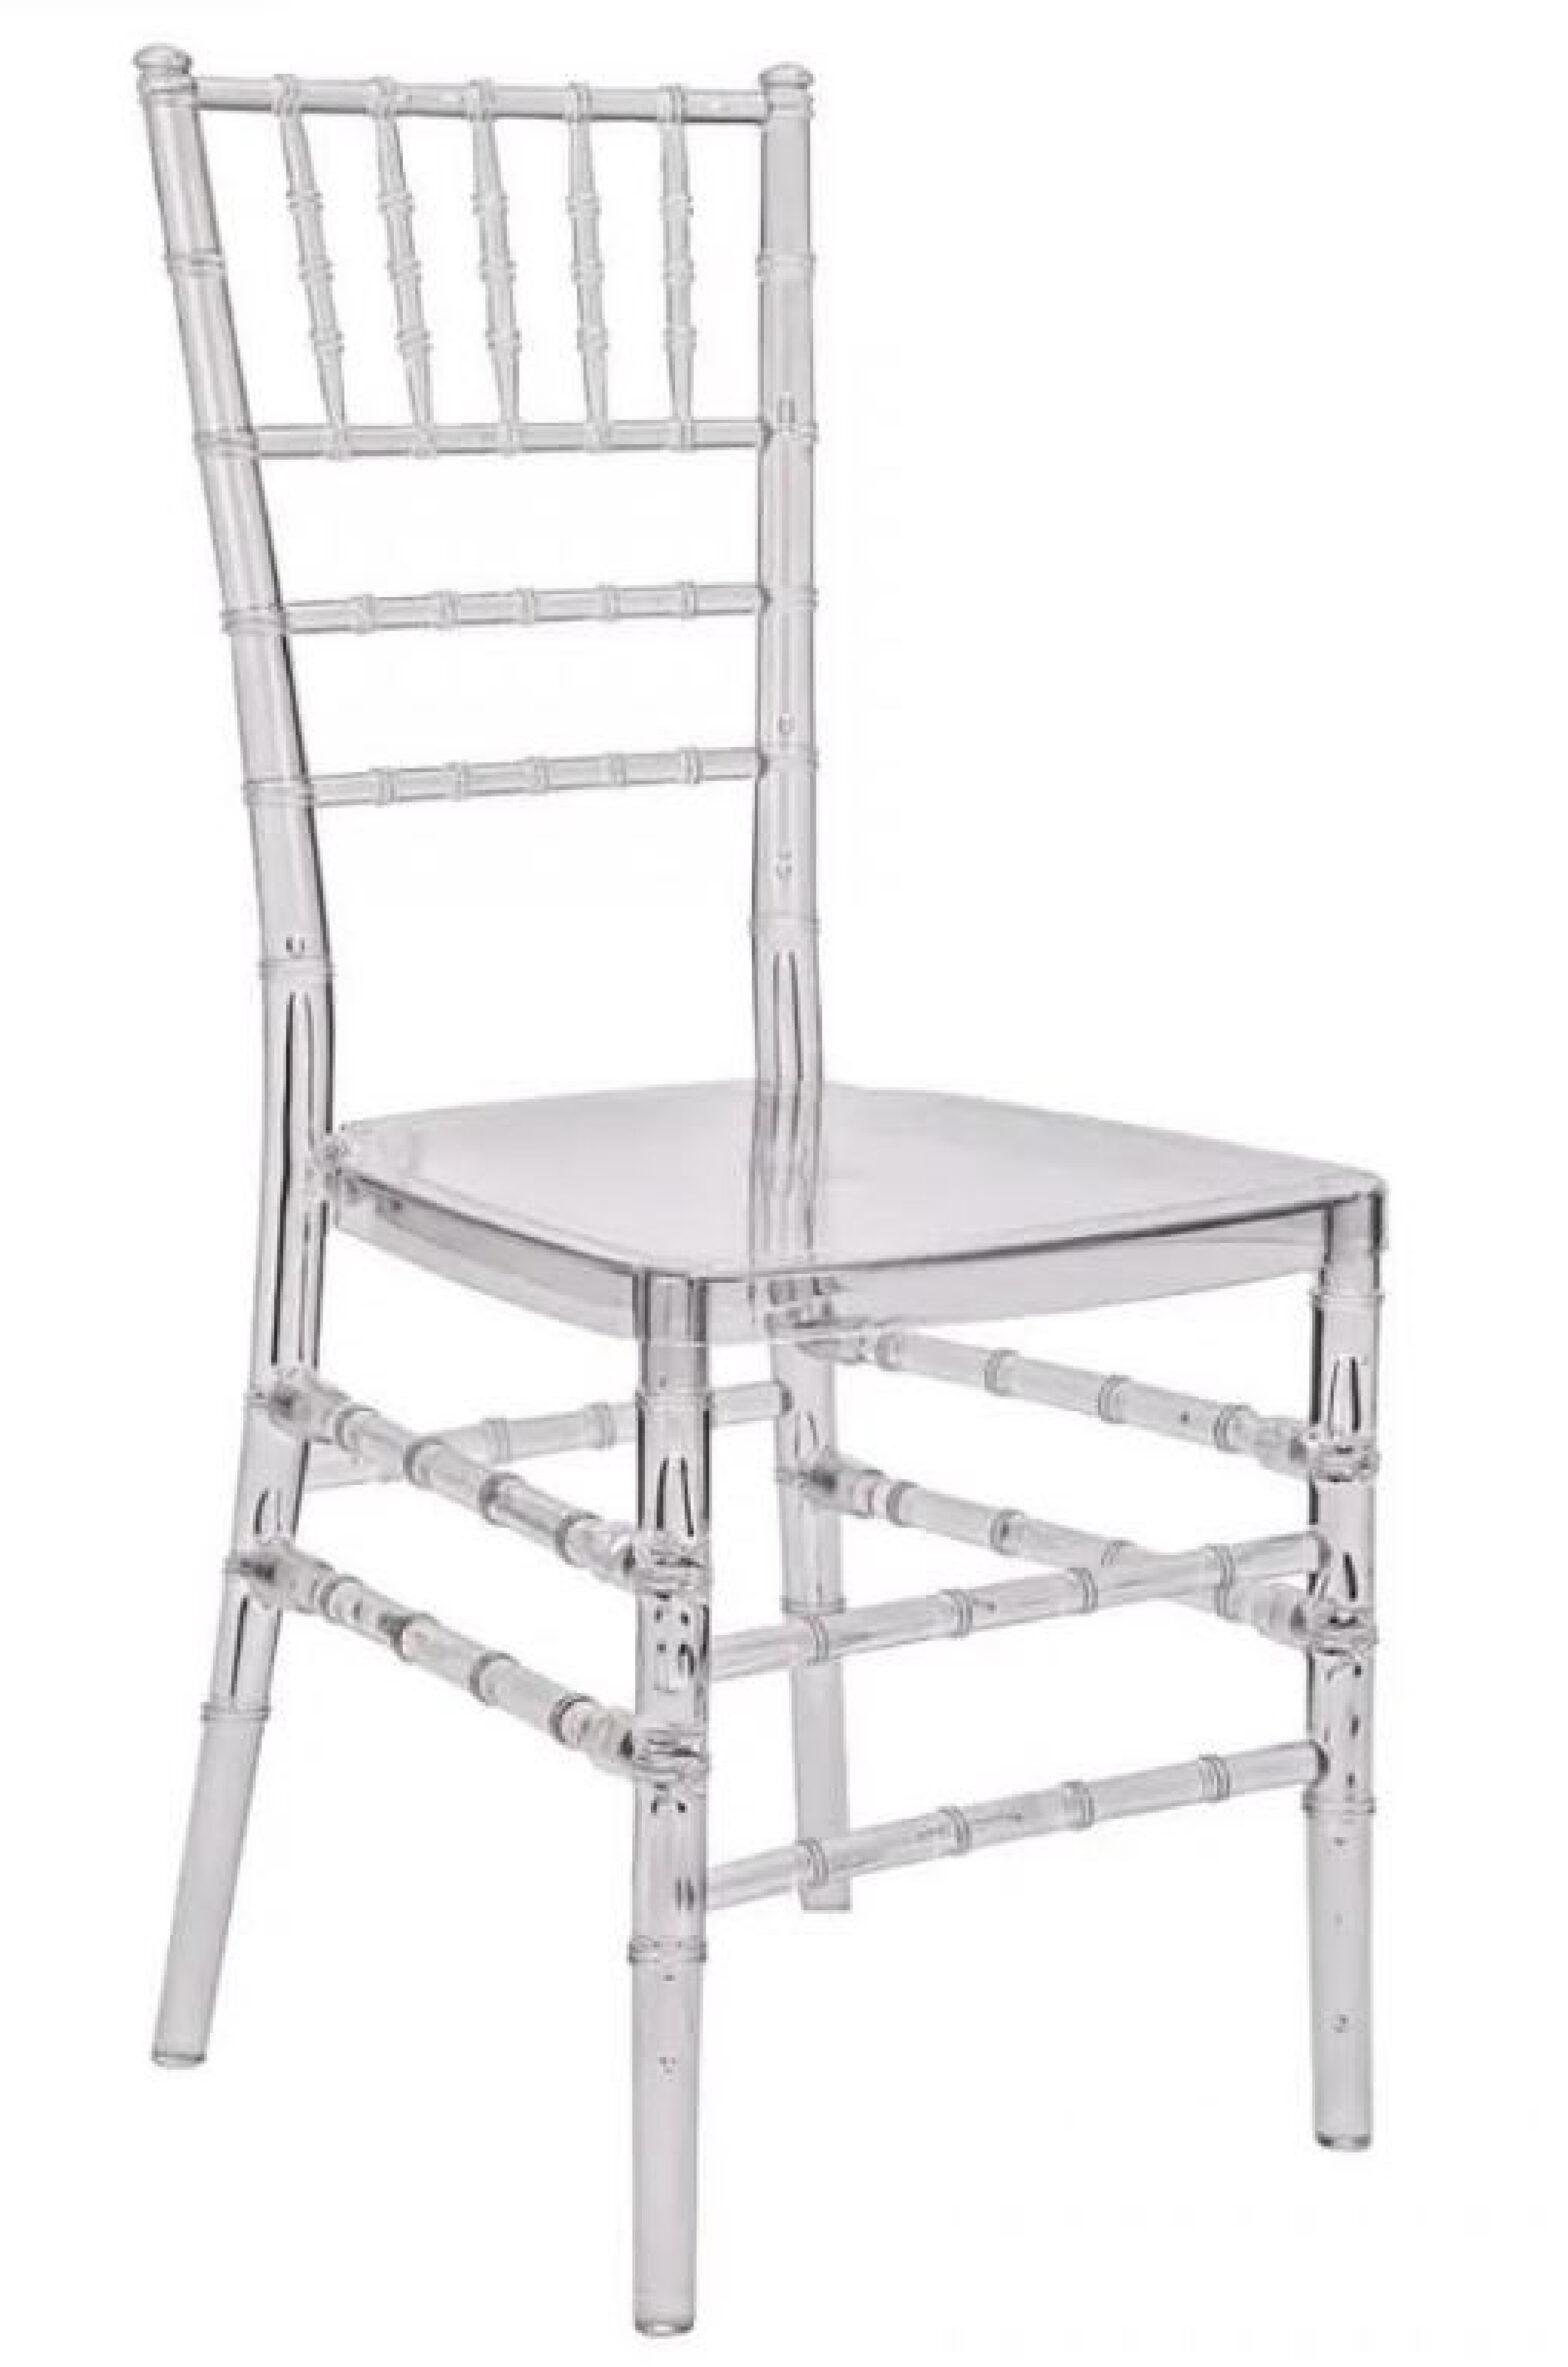 Chair rental in Weston